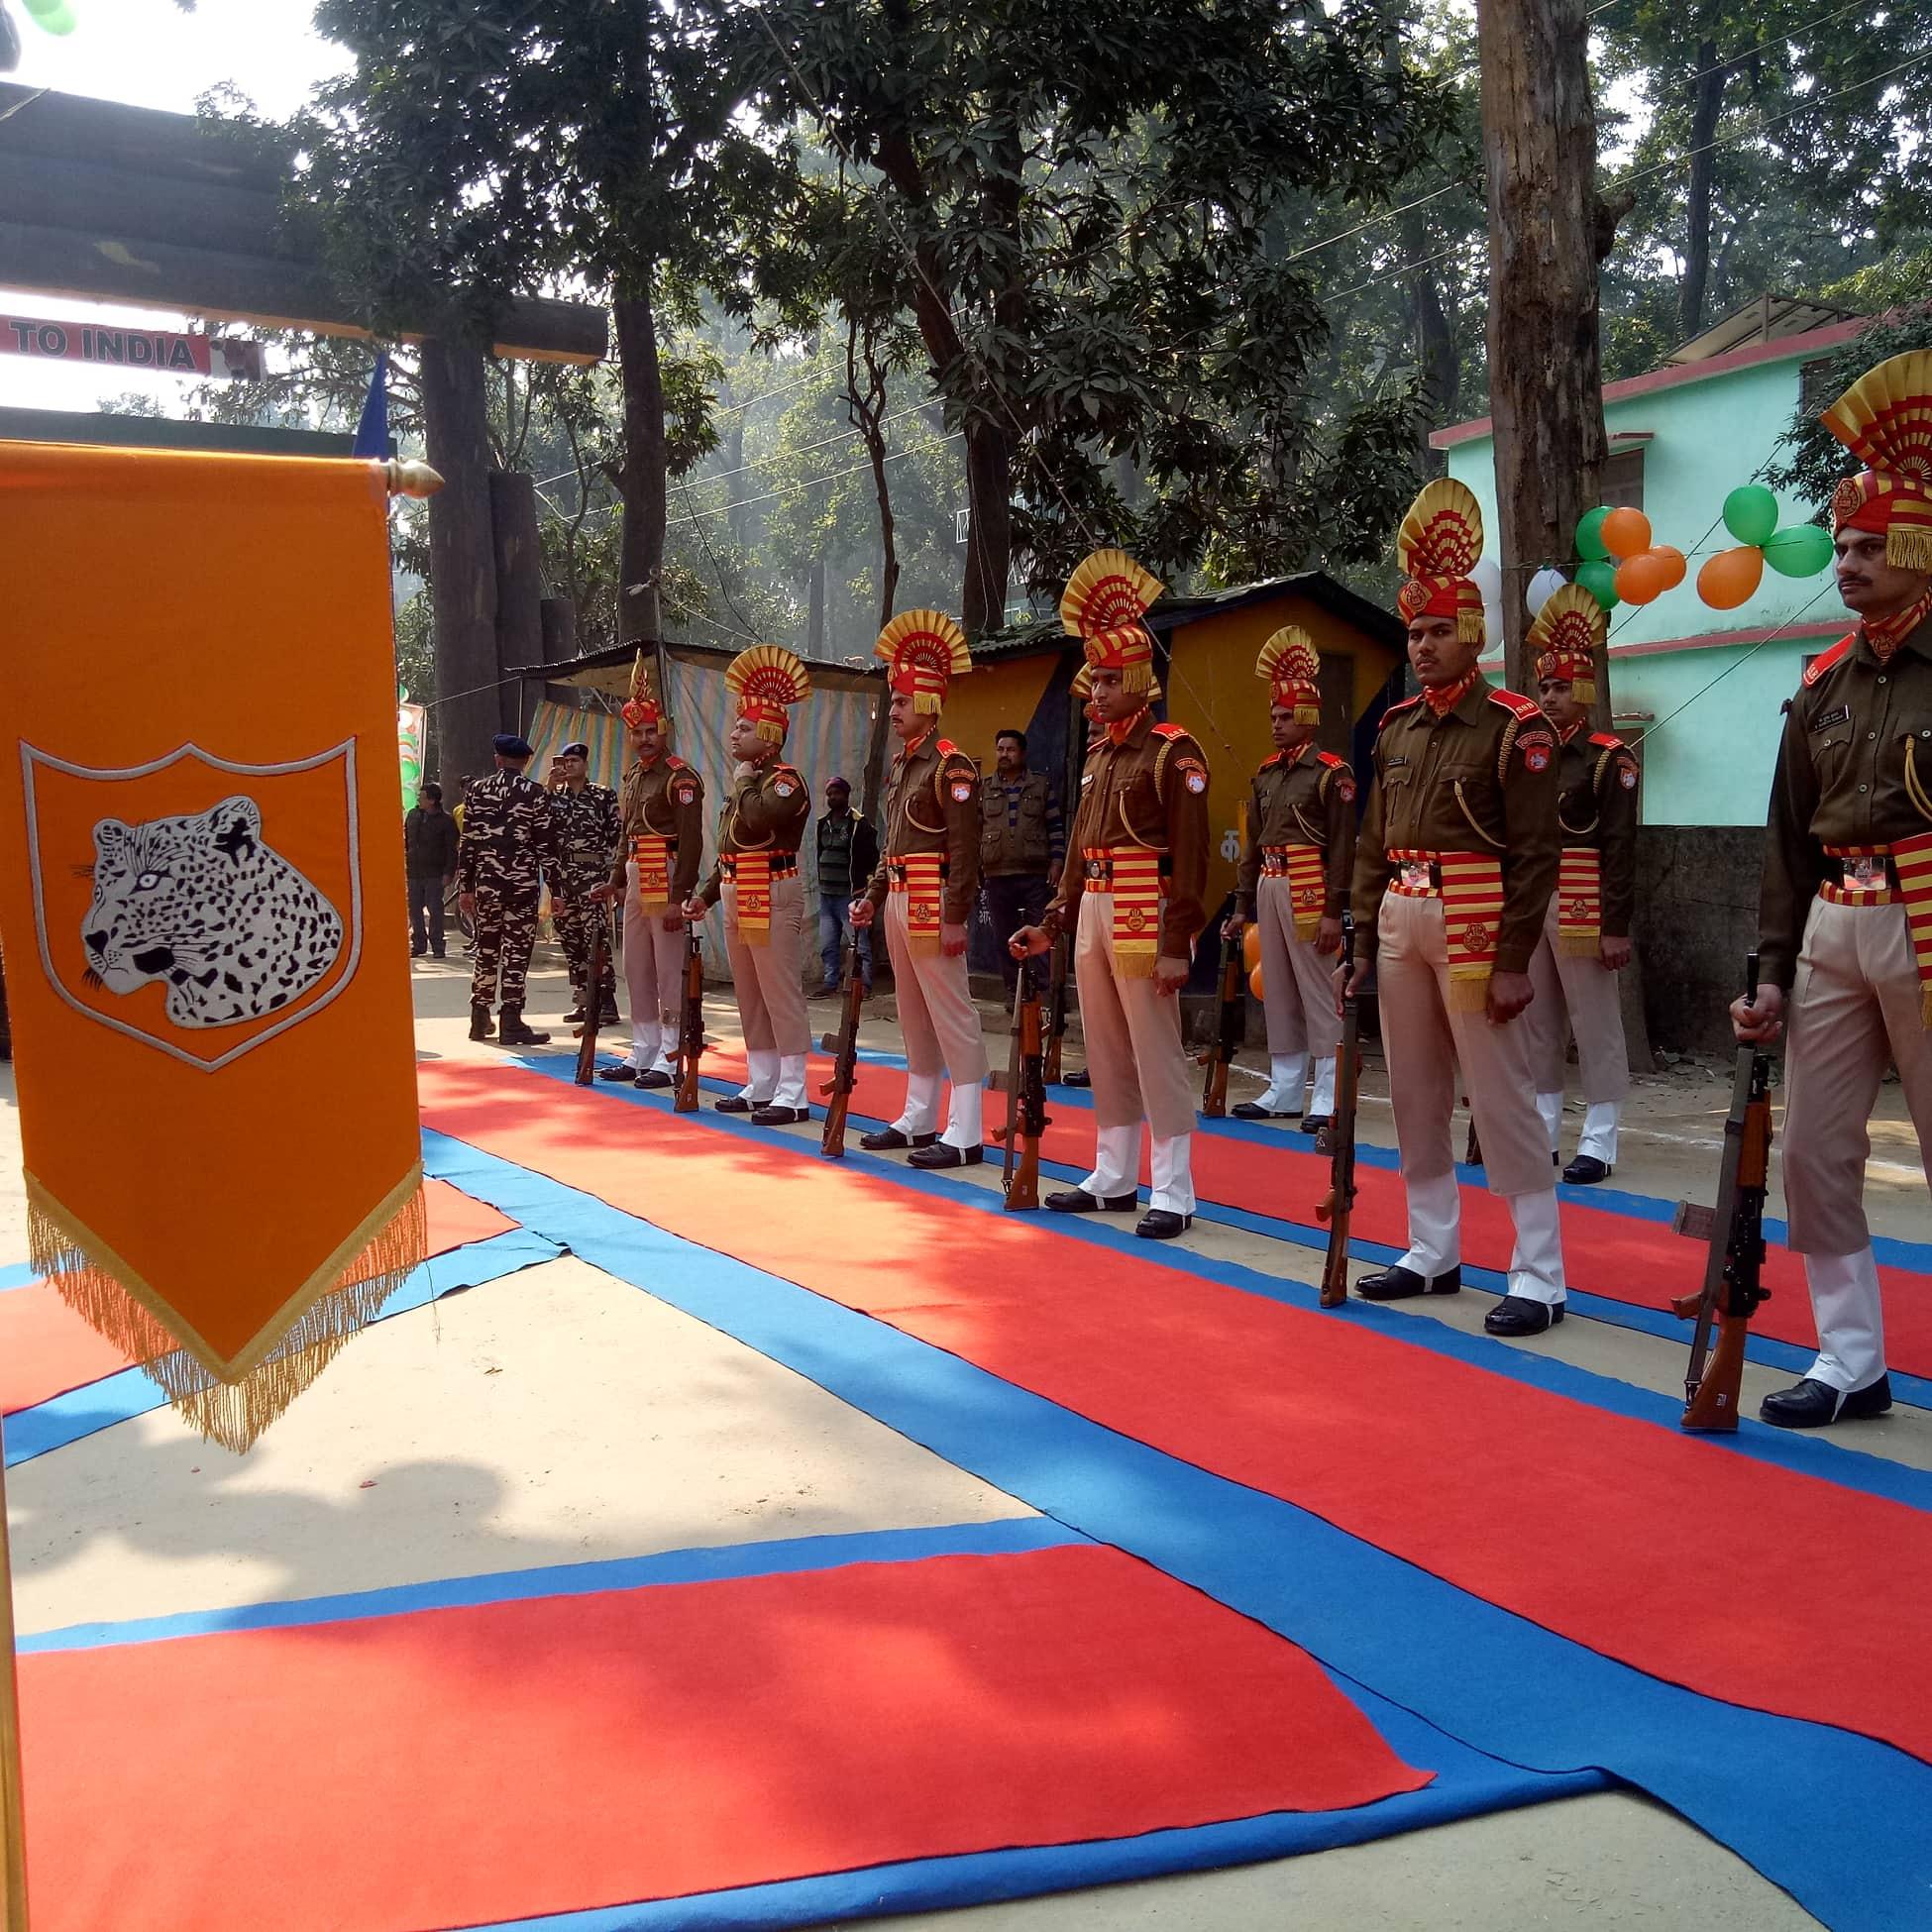 स्वतन्त्रता दिवसको अवसरमा गौरिफन्टामा विभिन्न कार्यक्रम